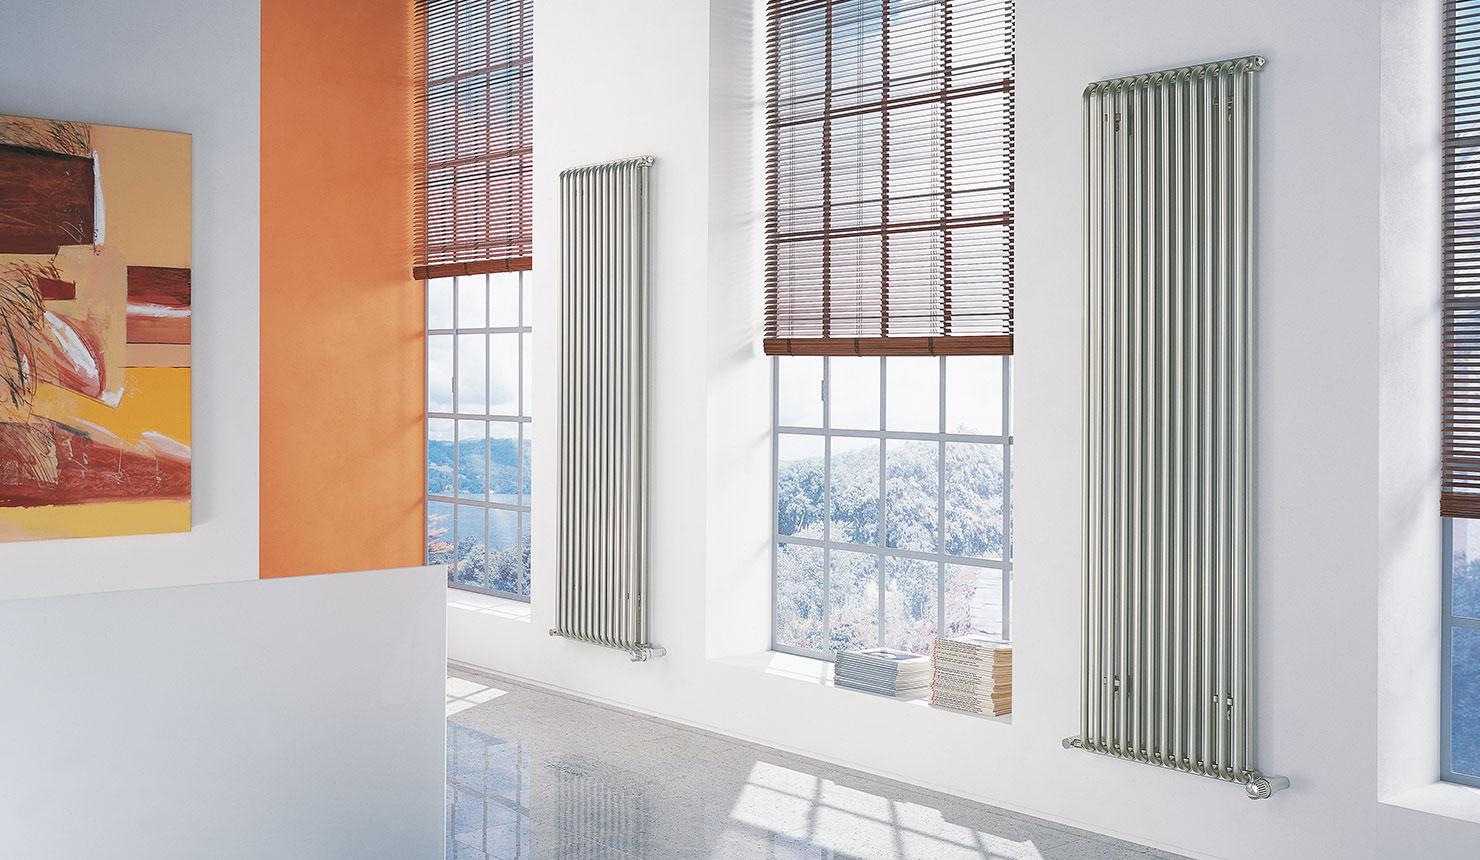 Full Size of Kermi Heizkörper Decor Design Und Badheizkrper Bad Badezimmer Für Wohnzimmer Elektroheizkörper Wohnzimmer Kermi Heizkörper